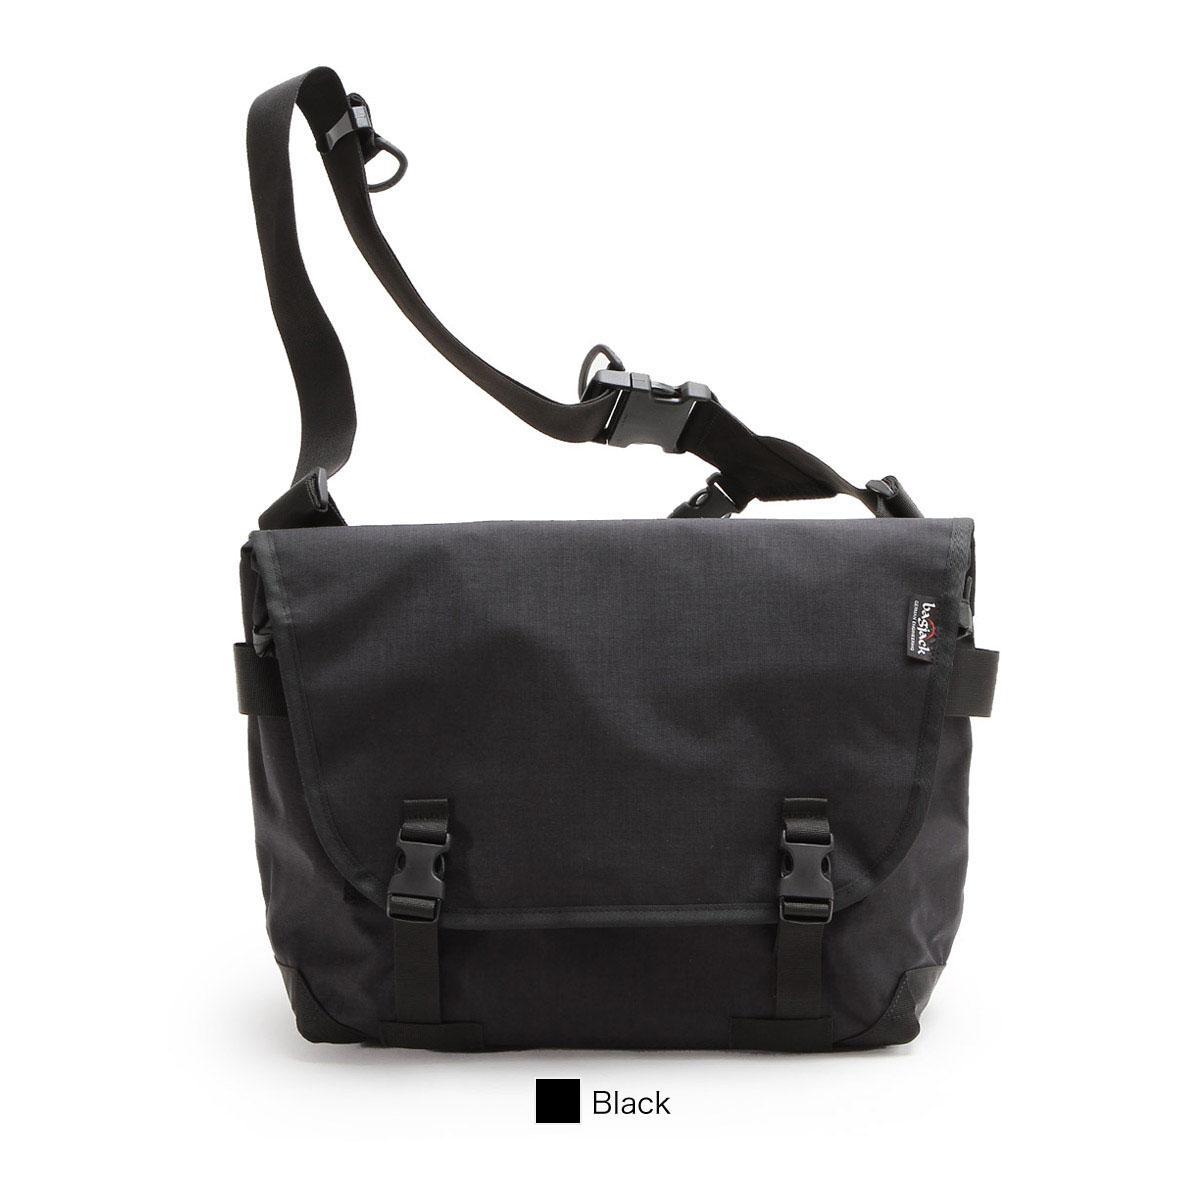 【正規販売店】バッグジャック メッセンジャーバッグ ショルダーバッグ ブラッククラシック bagjack Pogo messenger